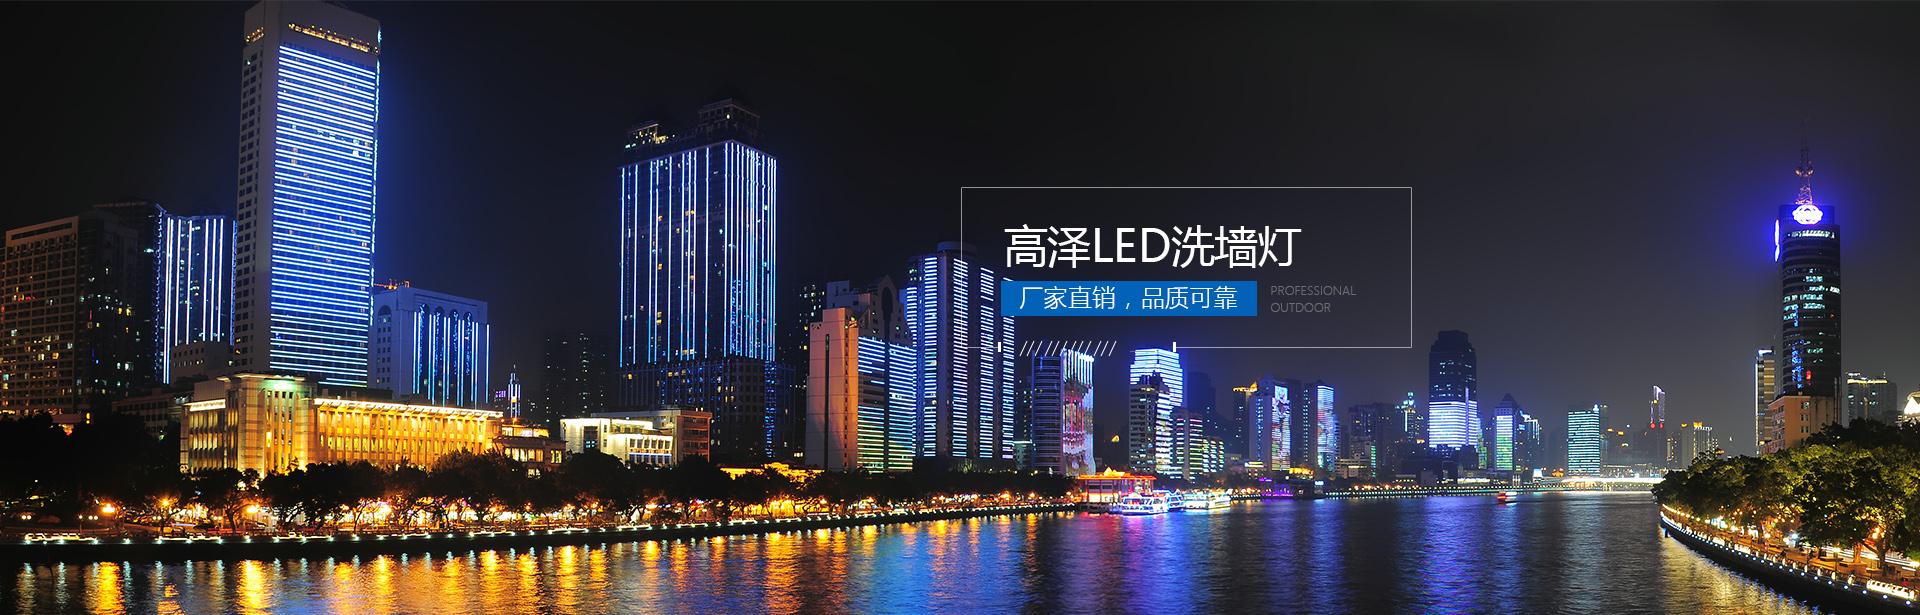 城市亮化灯具